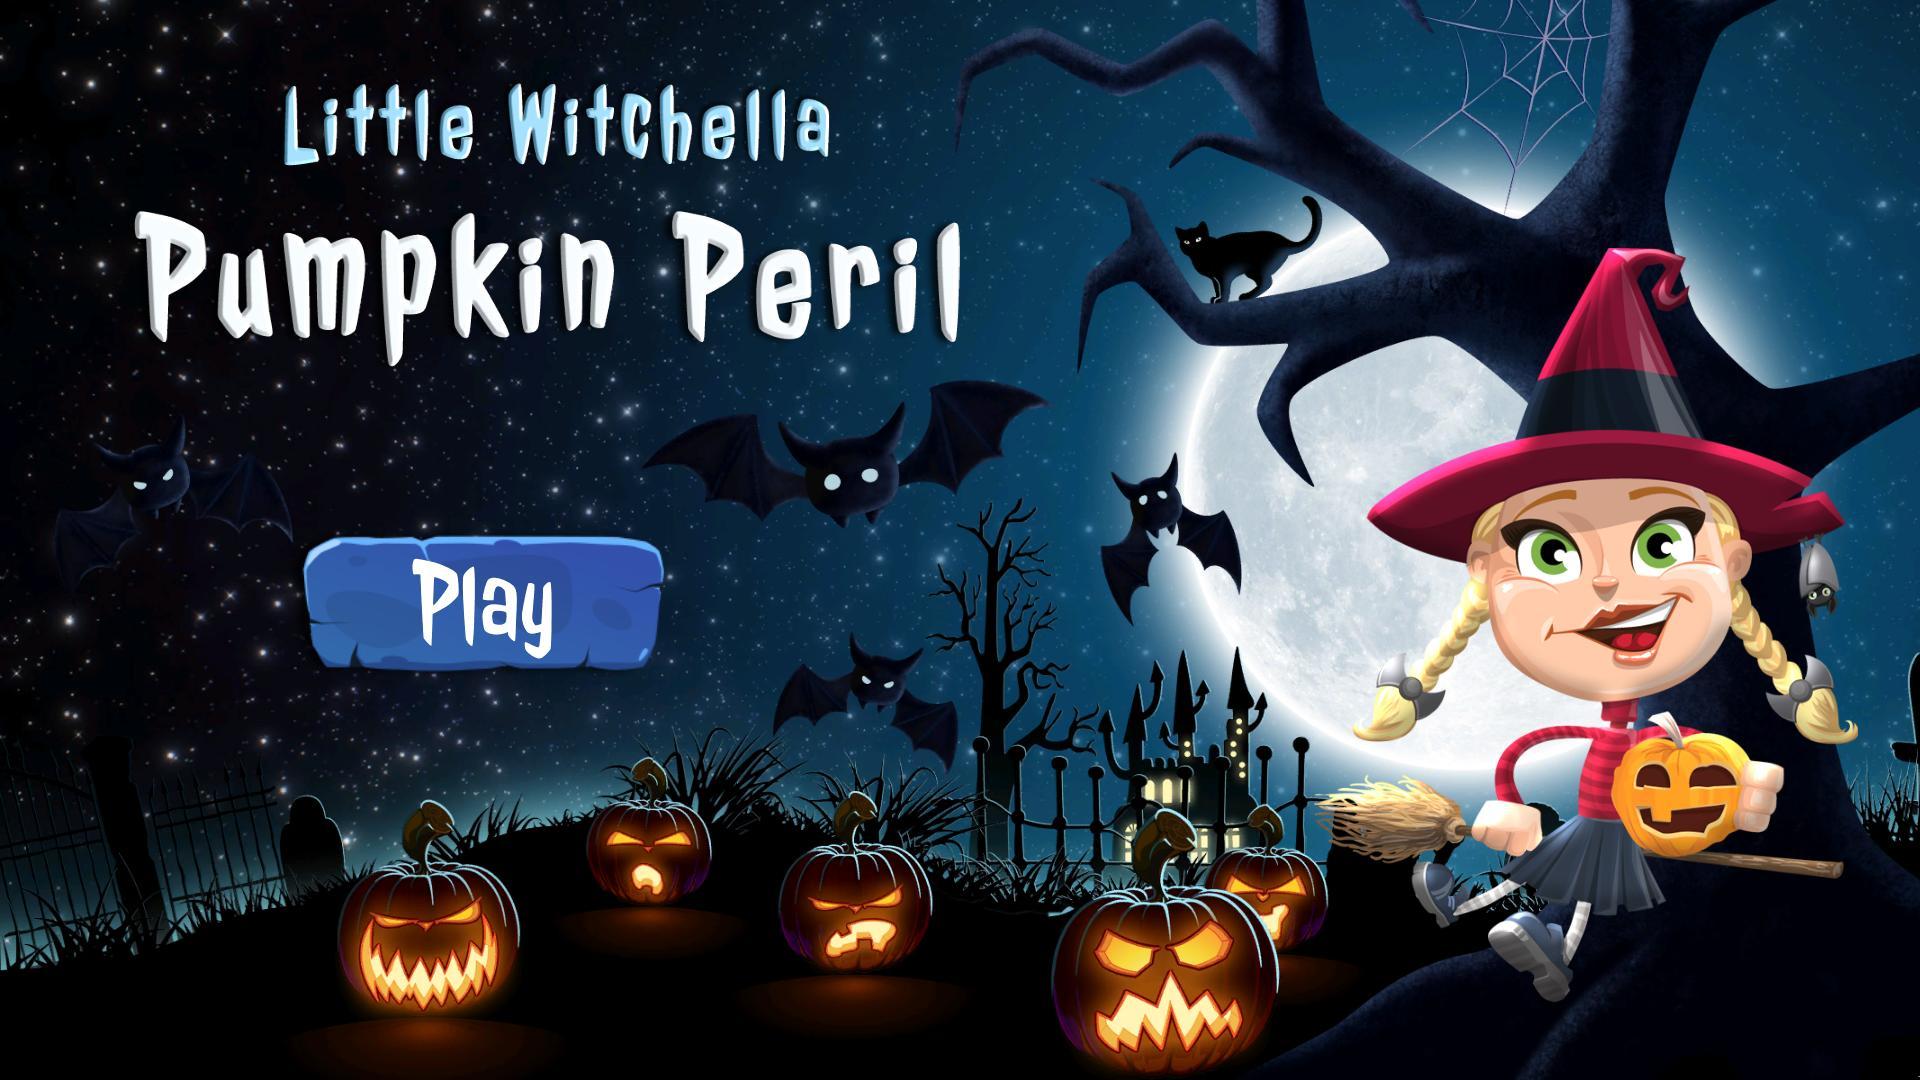 Маленькая ведьма: Тыквенная угроза | Little Witchella: Pumpkin Peril (En)